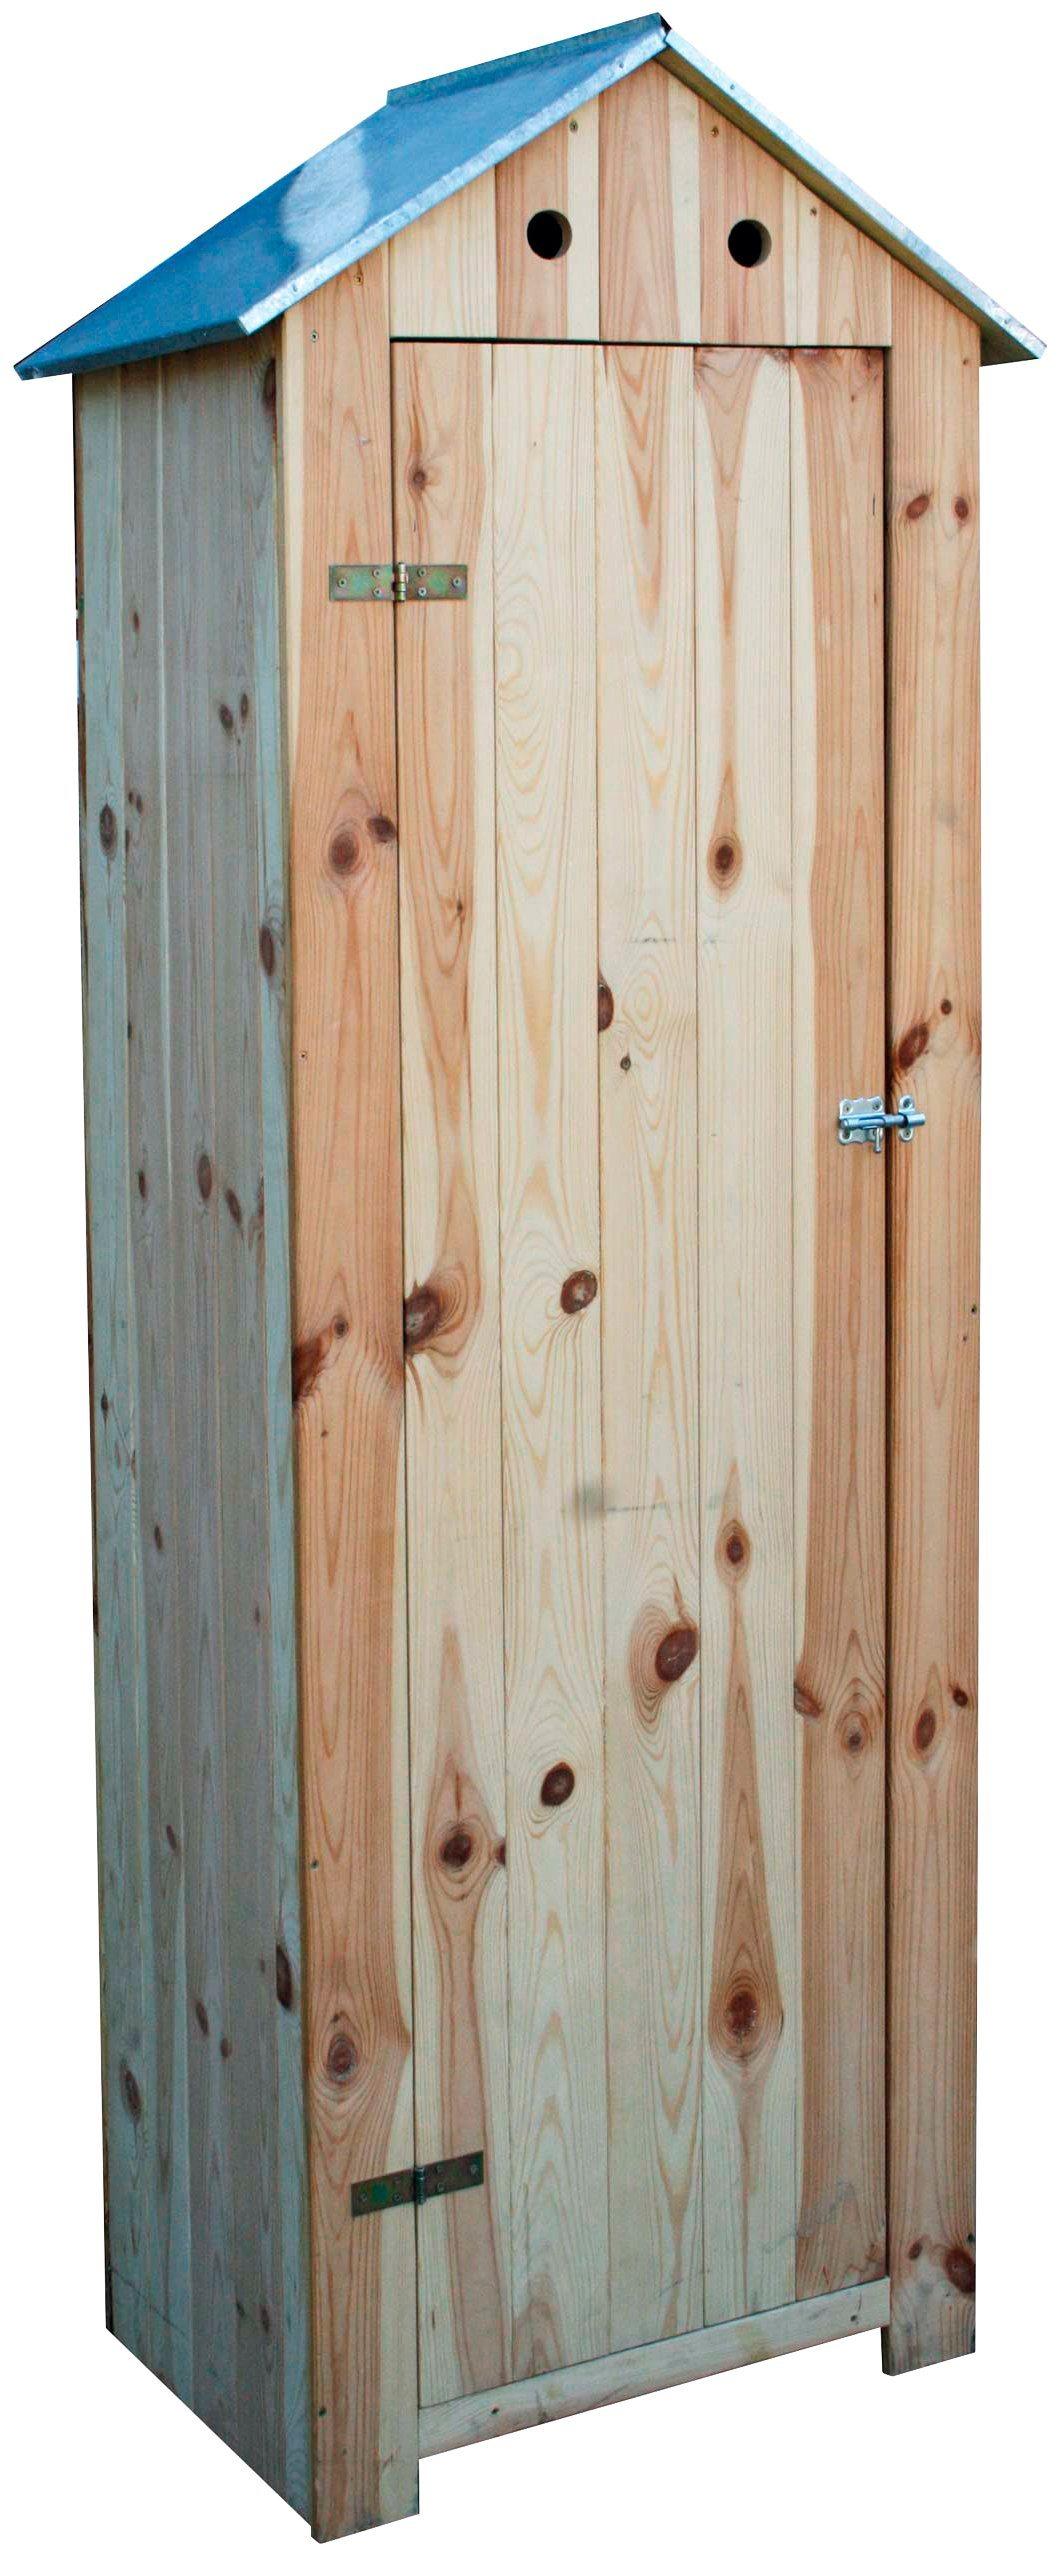 DOBAR Geräteschrank , B/T/H: 130/40/185 cm, natur | Garten > Gerätehäuser | dobar